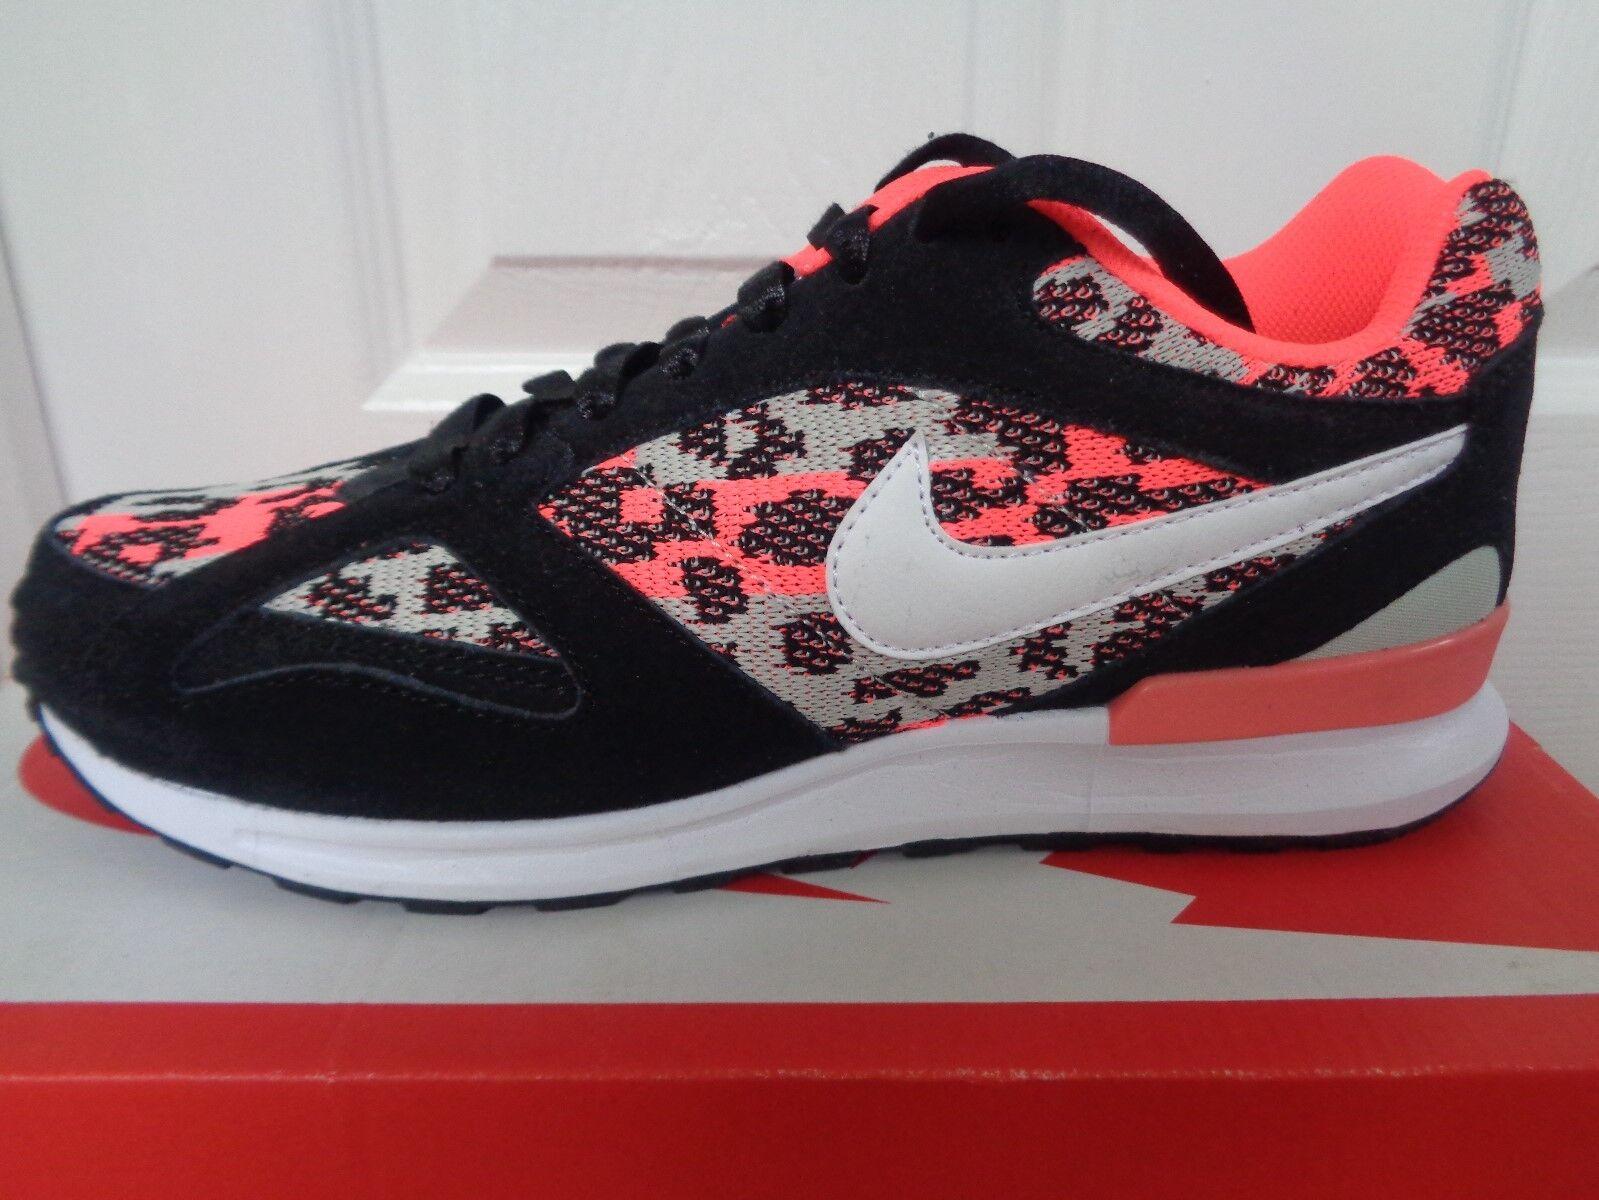 Nike Air  Pegasus Racer PA trainers sneakers 749669 006 eu 42 us 8.5 NEW